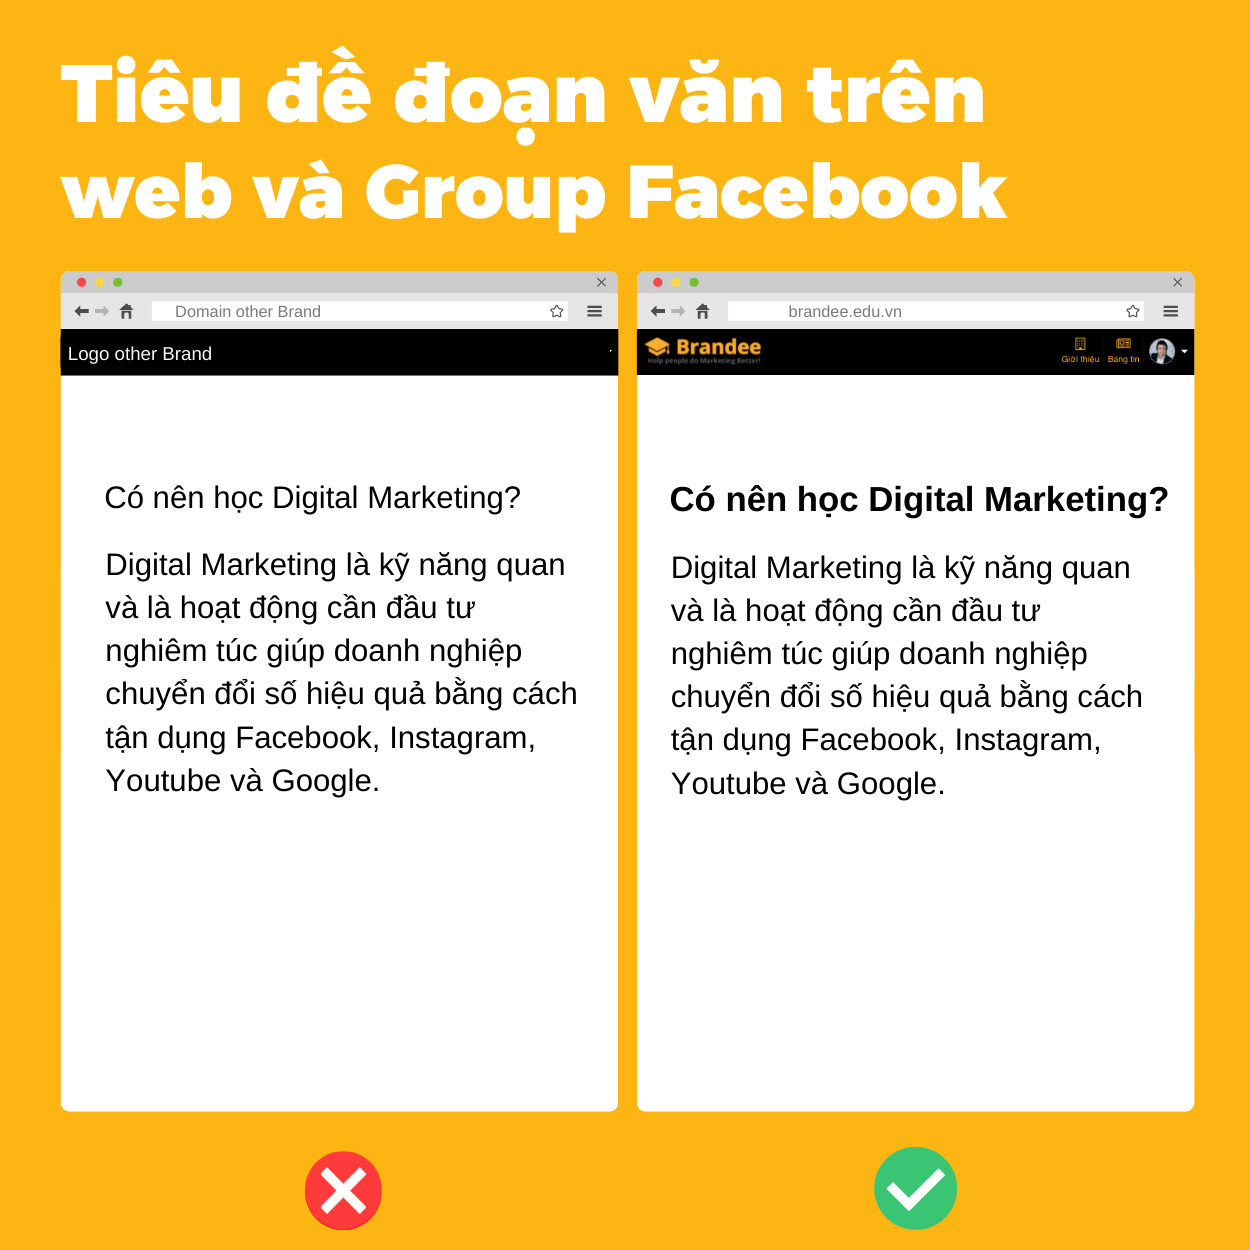 Tiêu đề đoạn văn trên  web và Group Facebook